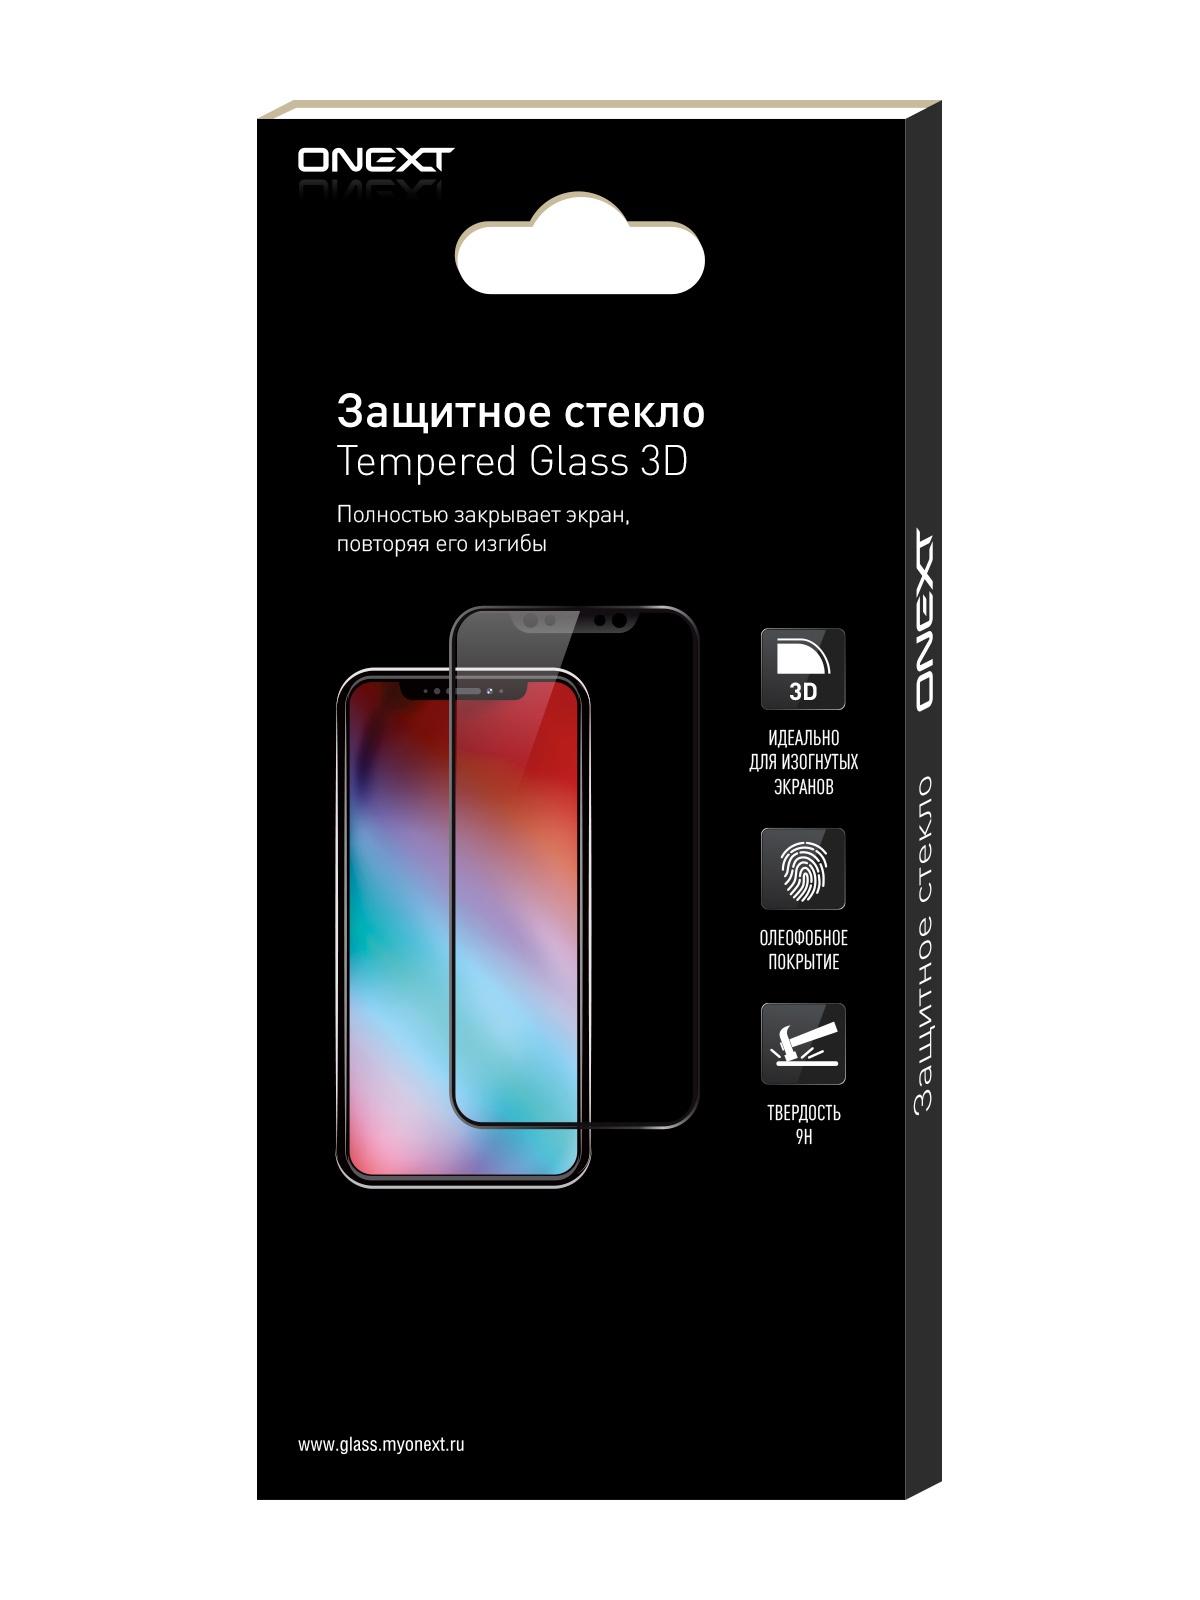 Защитное стекло ONEXT iPhone 7 Plus 3D защитное стекло onext для iphone 7